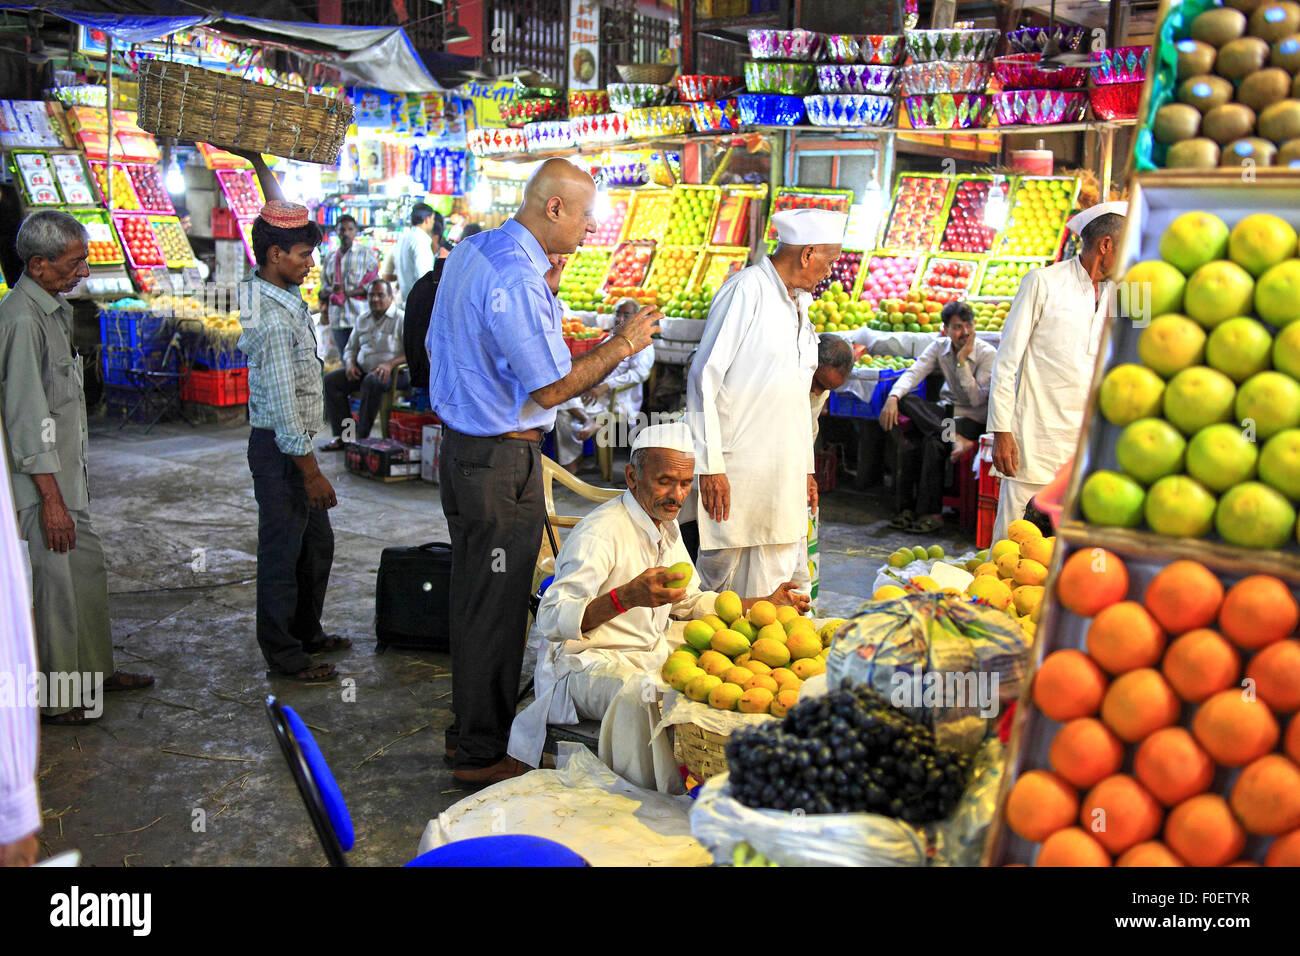 Mumbai, Maharashtra. 2 Apr 2014. 01 aprile 2014, Mumbai - India.Vista della Ram morde il negozio di frutta chiamato Immagini Stock